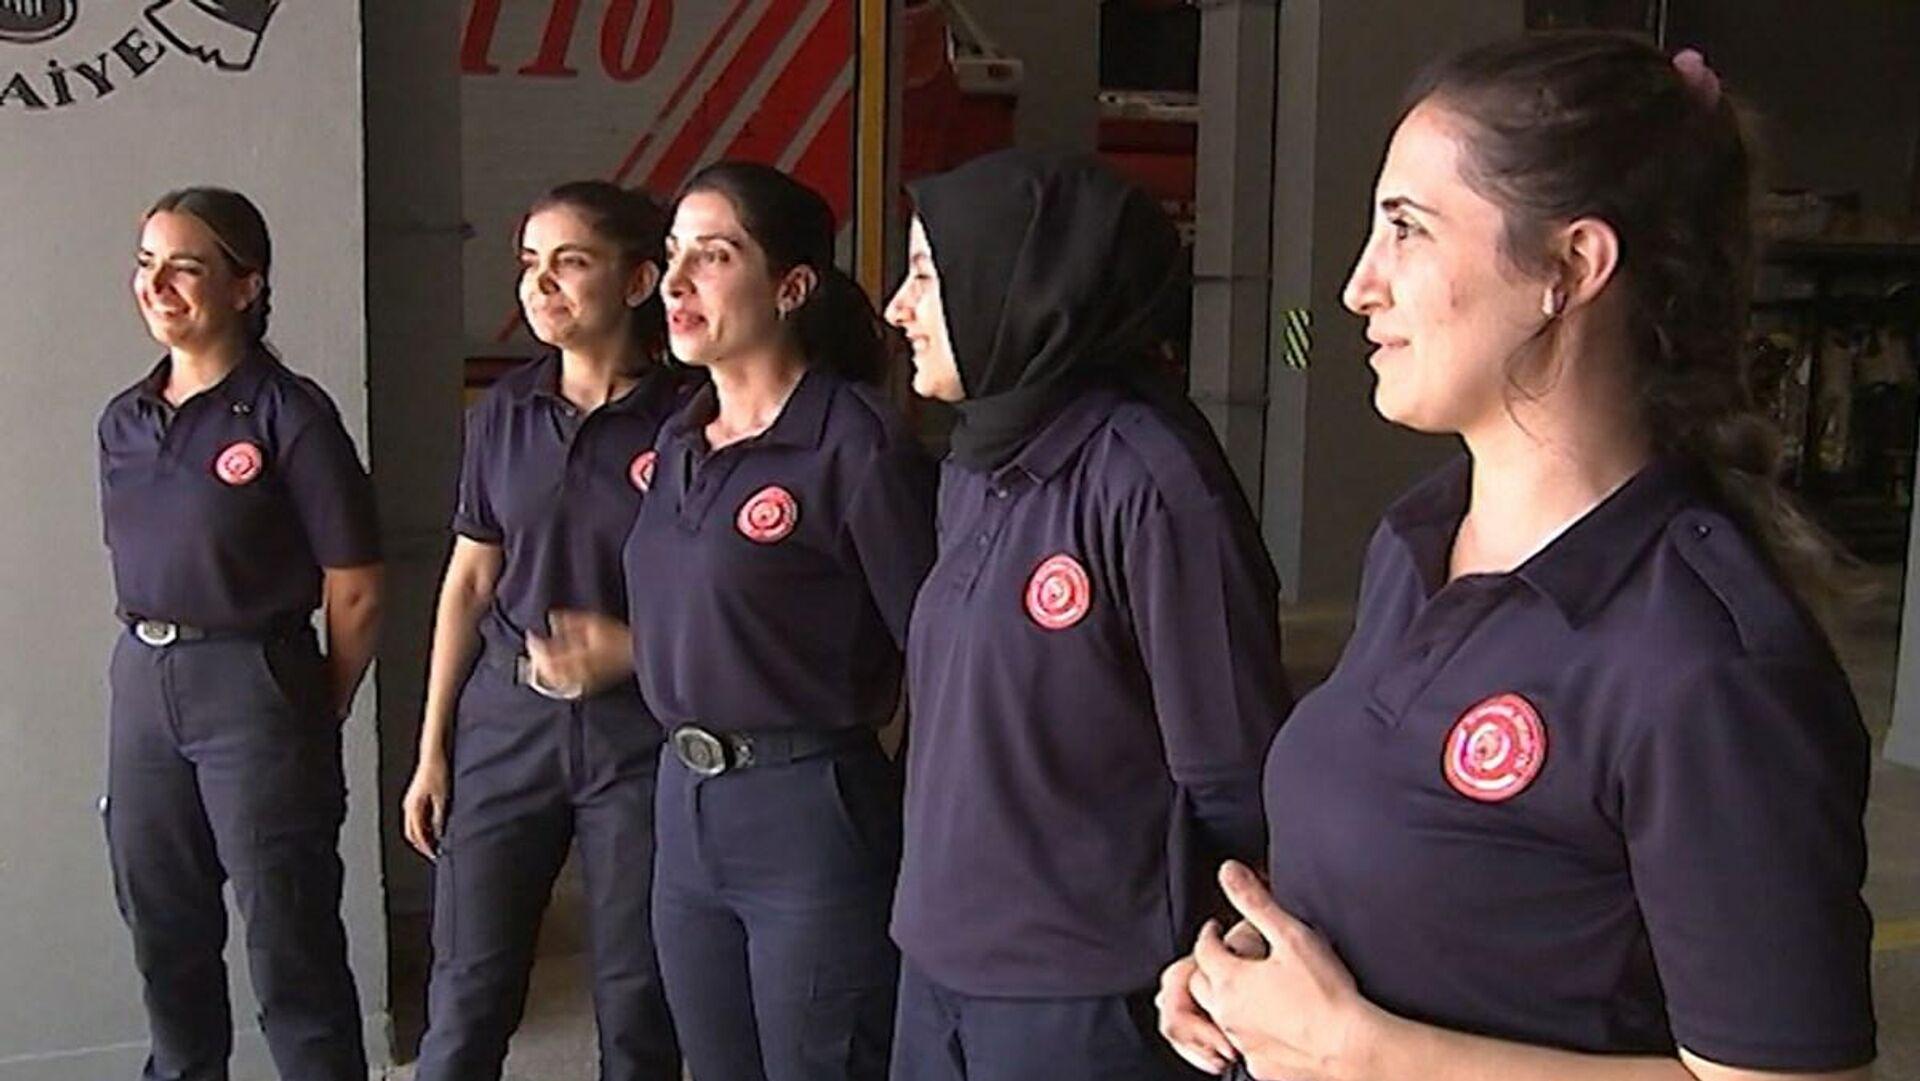 İtfaiye teşkilatı, 37 kadın itfaiyeciyi bünyesine kattı  - Sputnik Türkiye, 1920, 15.09.2021